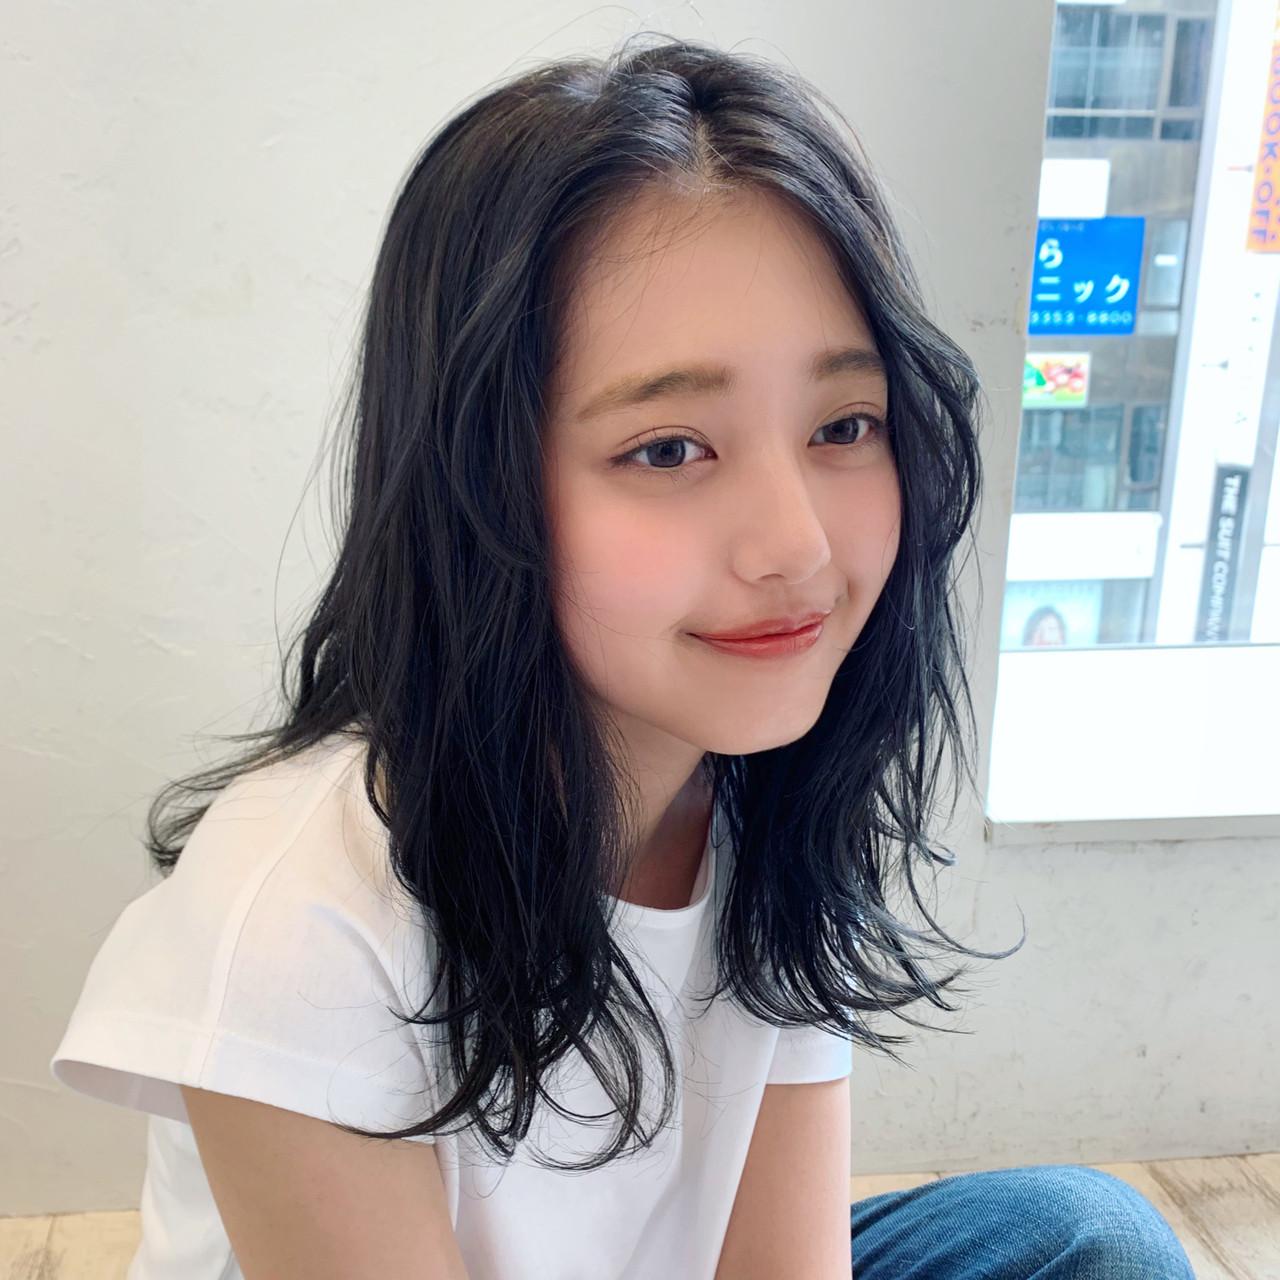 ミディアム 韓国風ヘアー パーマ オルチャン ヘアスタイルや髪型の写真・画像